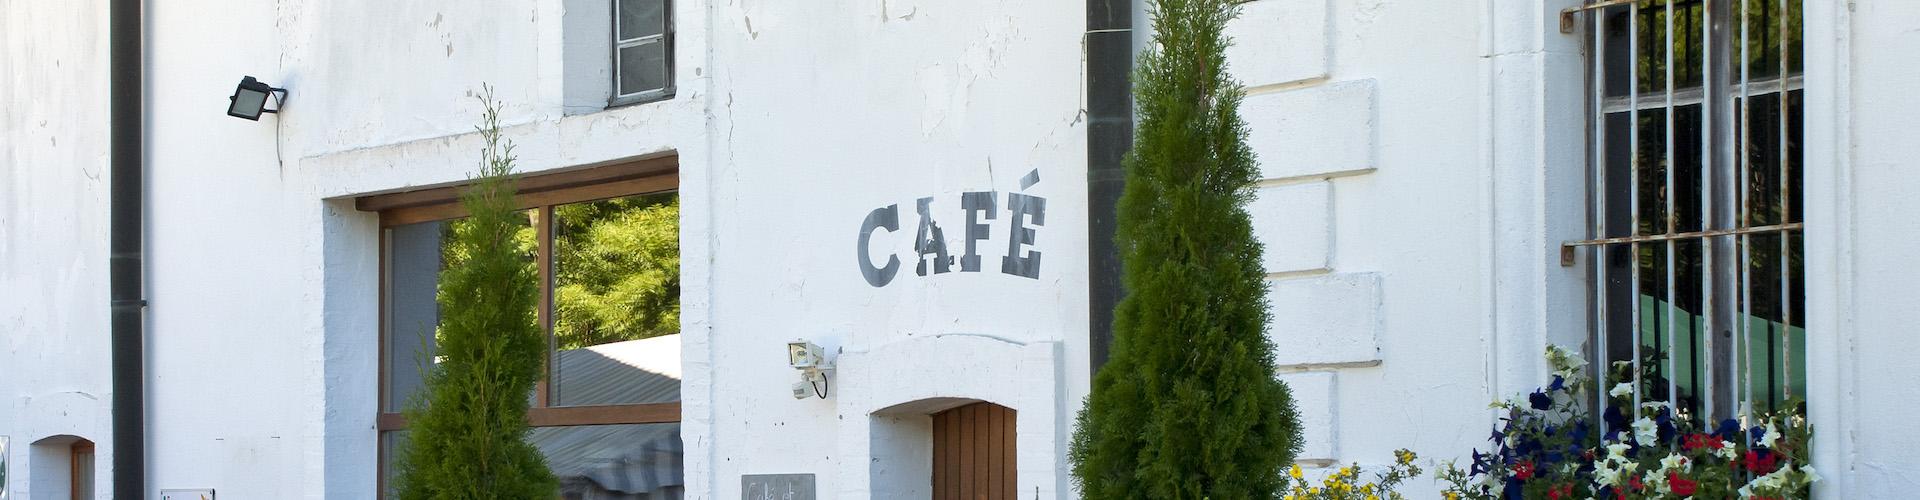 """Le restaurant """"Café des Mines"""" des mines d'asphalte La Presta dans le Val-de-Travers, Neuchâtel"""